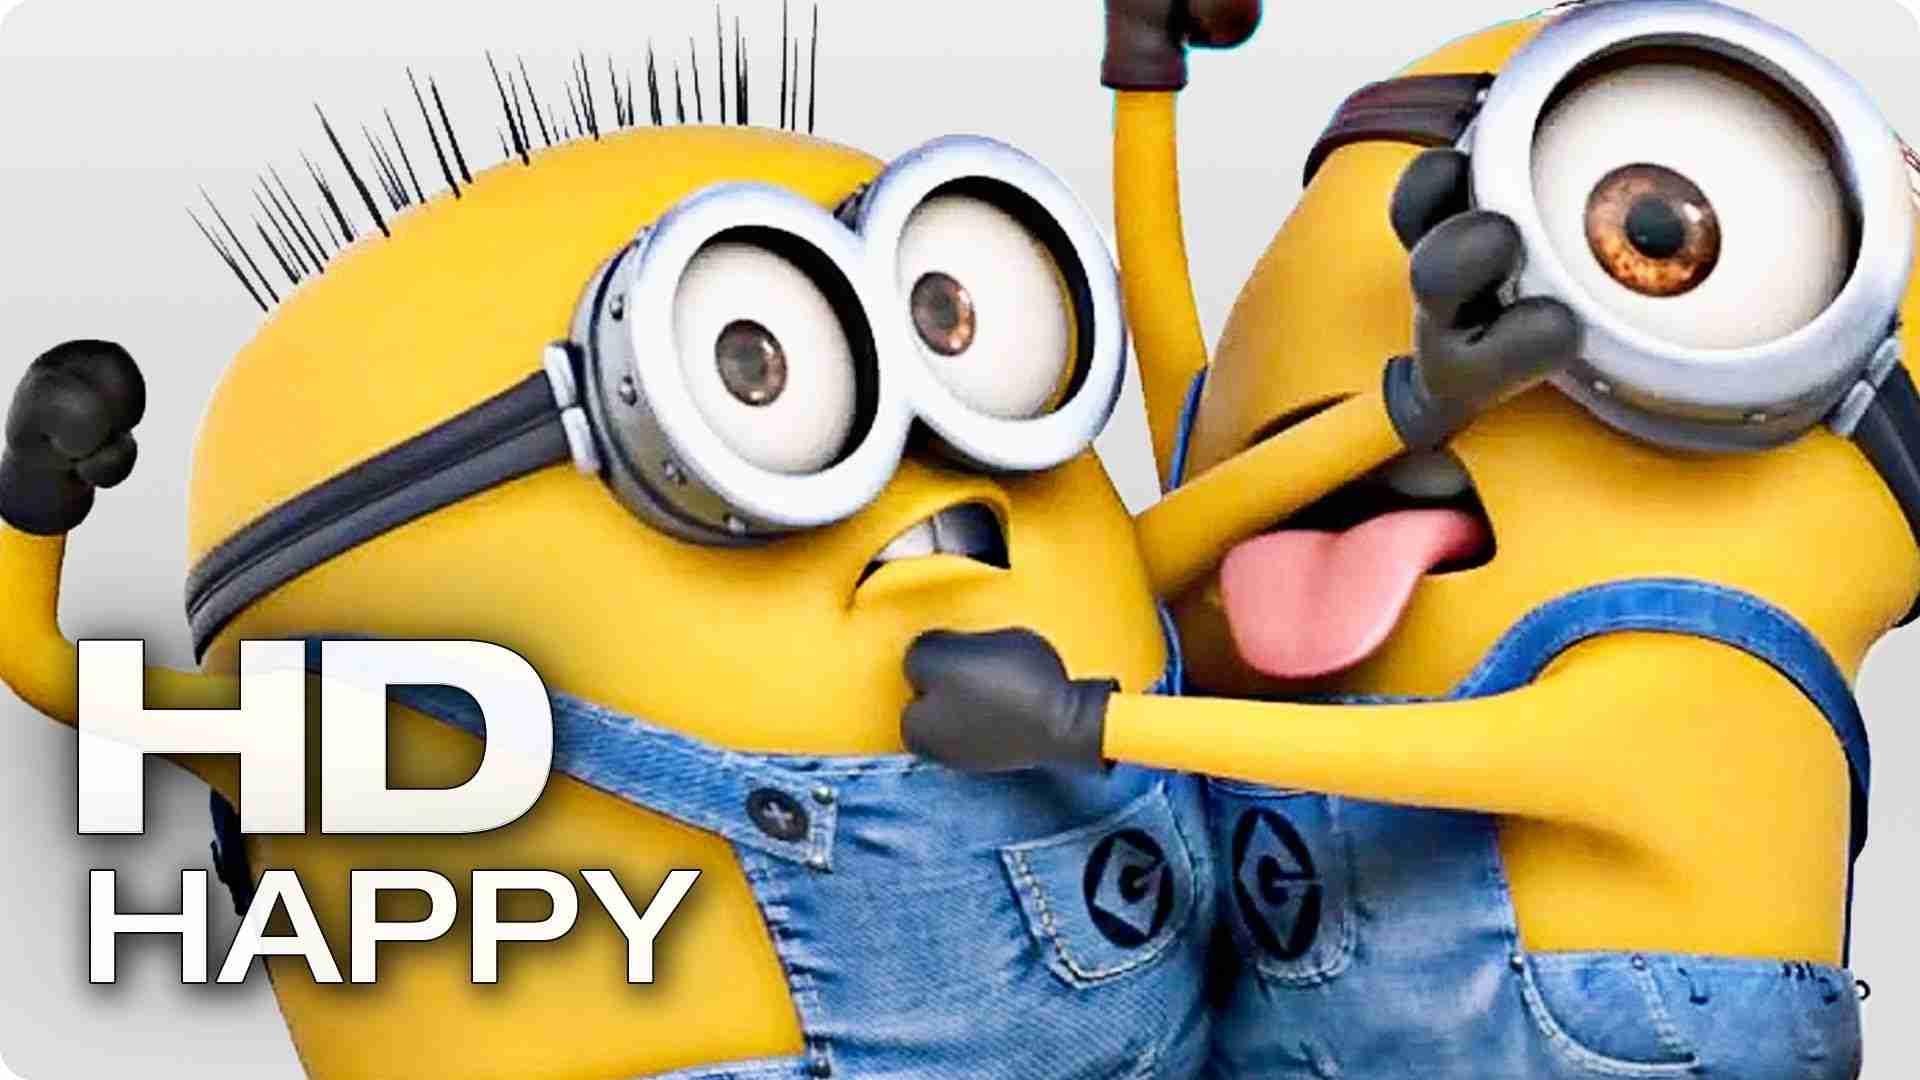 HAPPY - Pharrell Williams (feat. Minions) - YouTube